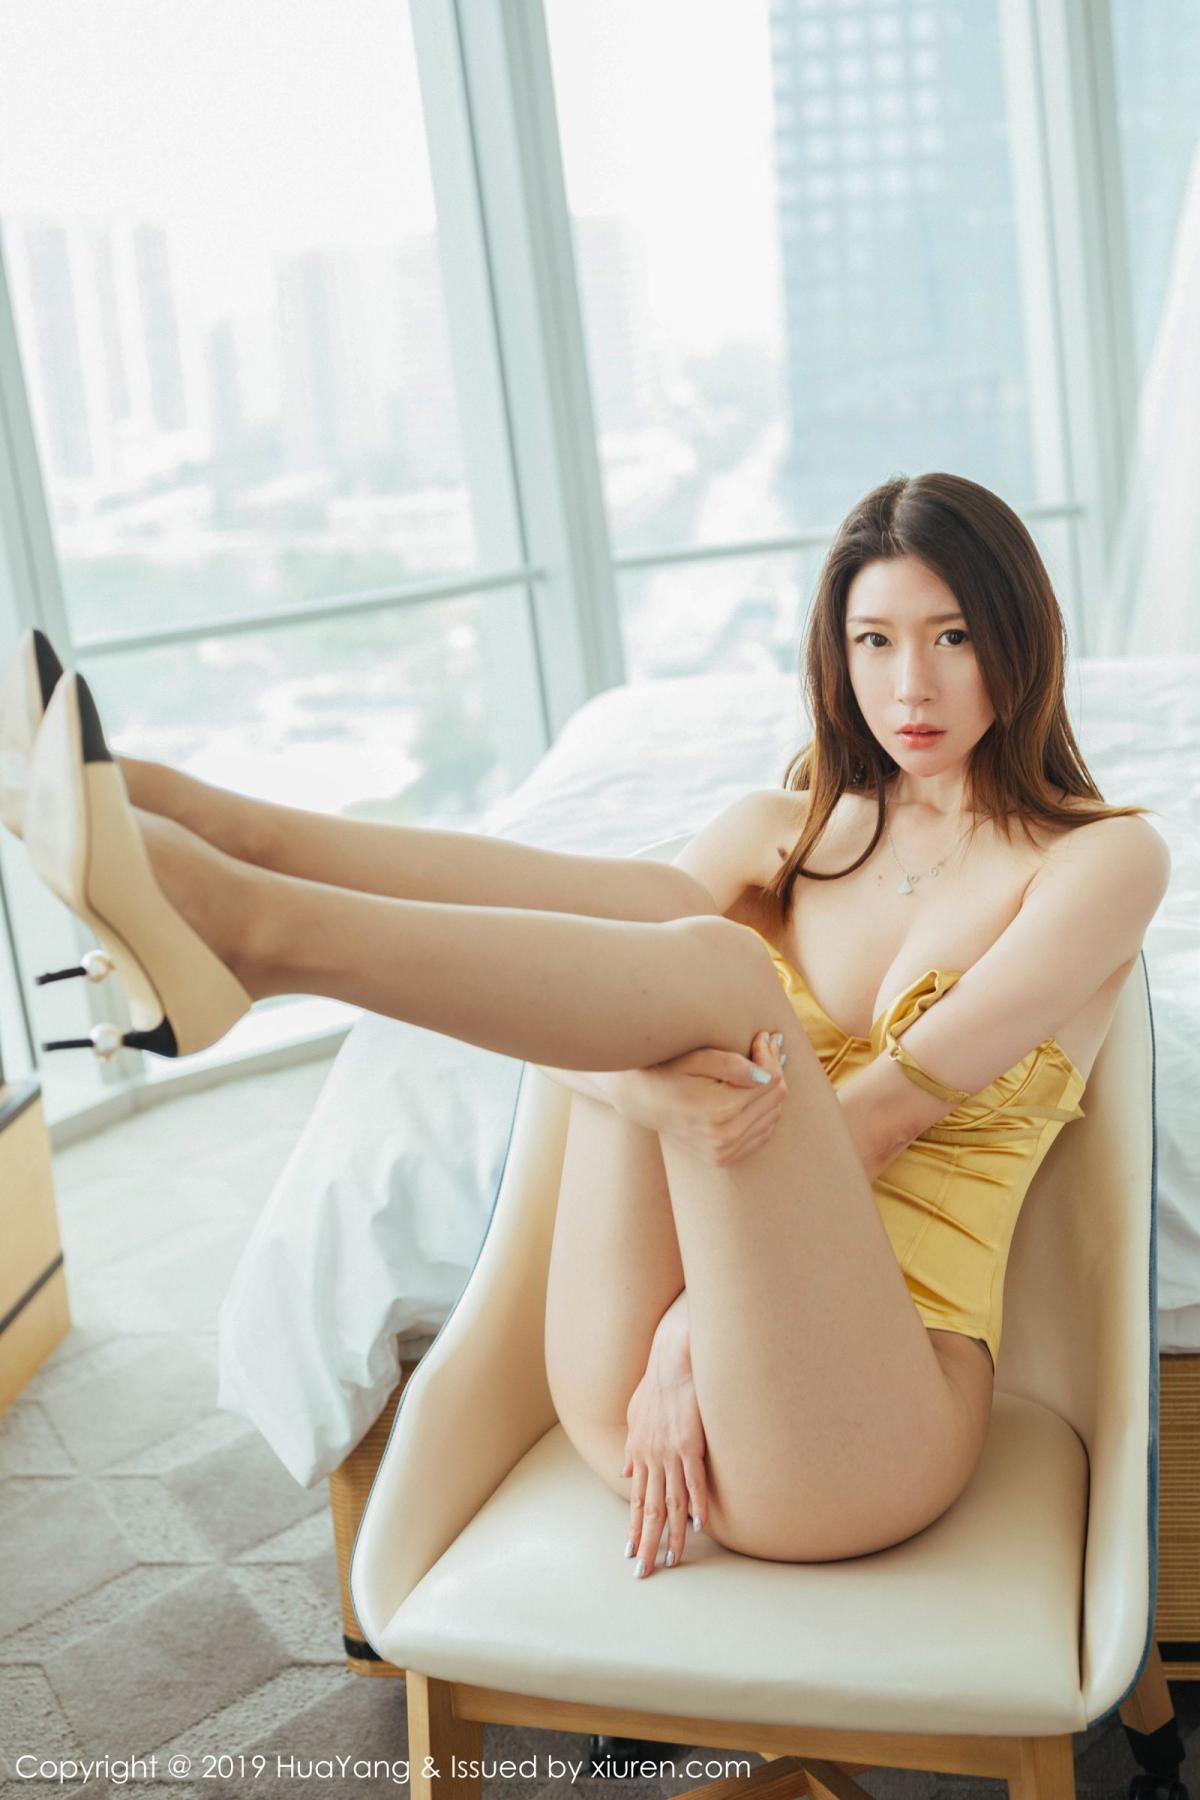 [Huayang] Vol.155 Meng Xin Yue 23P, HuaYang, Meng Xin Yue, Tall